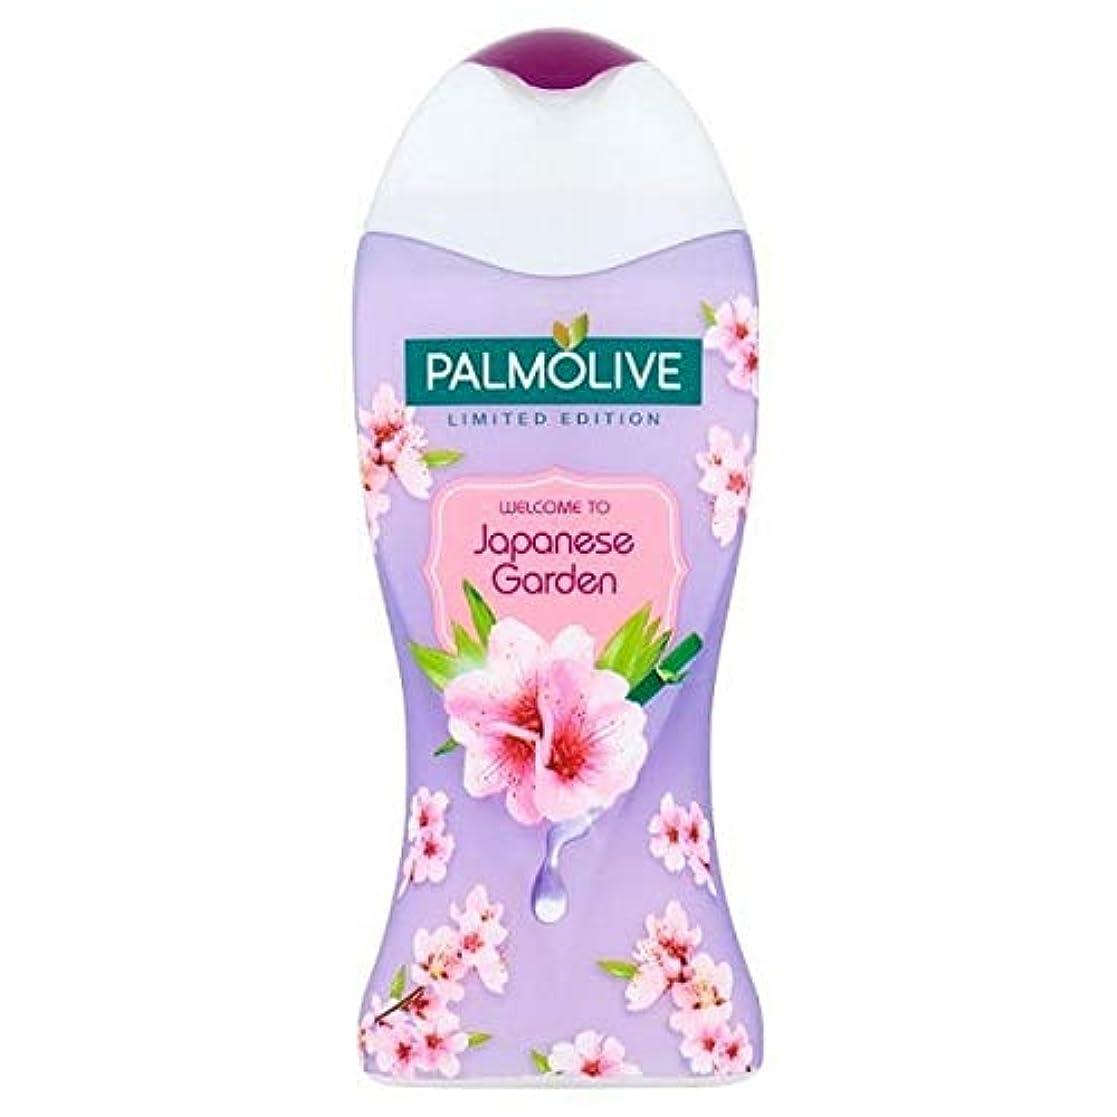 アンテナカーテンボタン[Palmolive ] パルモ日本庭園のシャワージェル250ミリリットル - Palmolive Japanese Garden Shower Gel 250ml [並行輸入品]